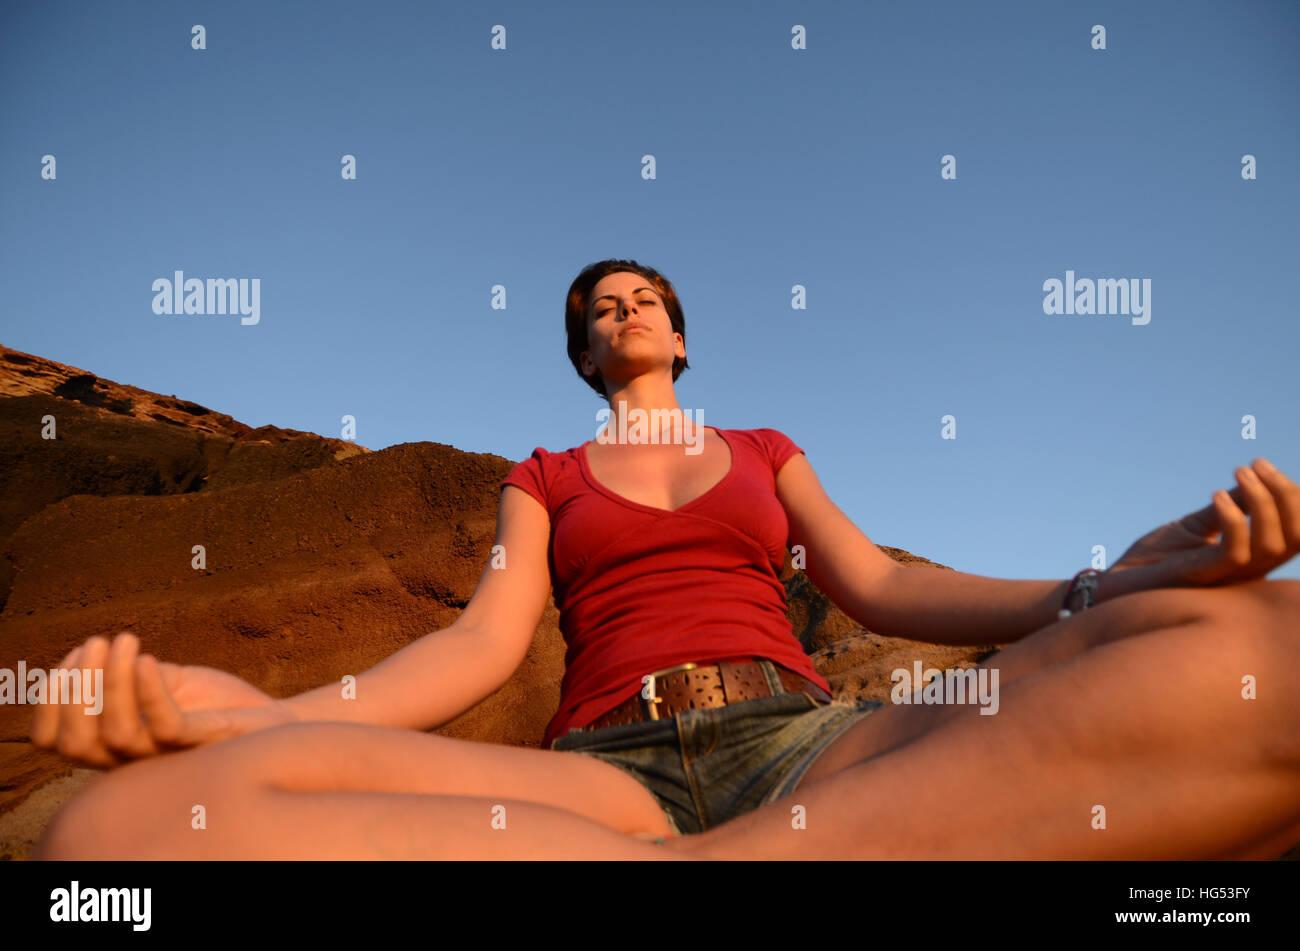 Jeune femme séduisante médite dans lotus pose, en face de la côte. Photo Stock